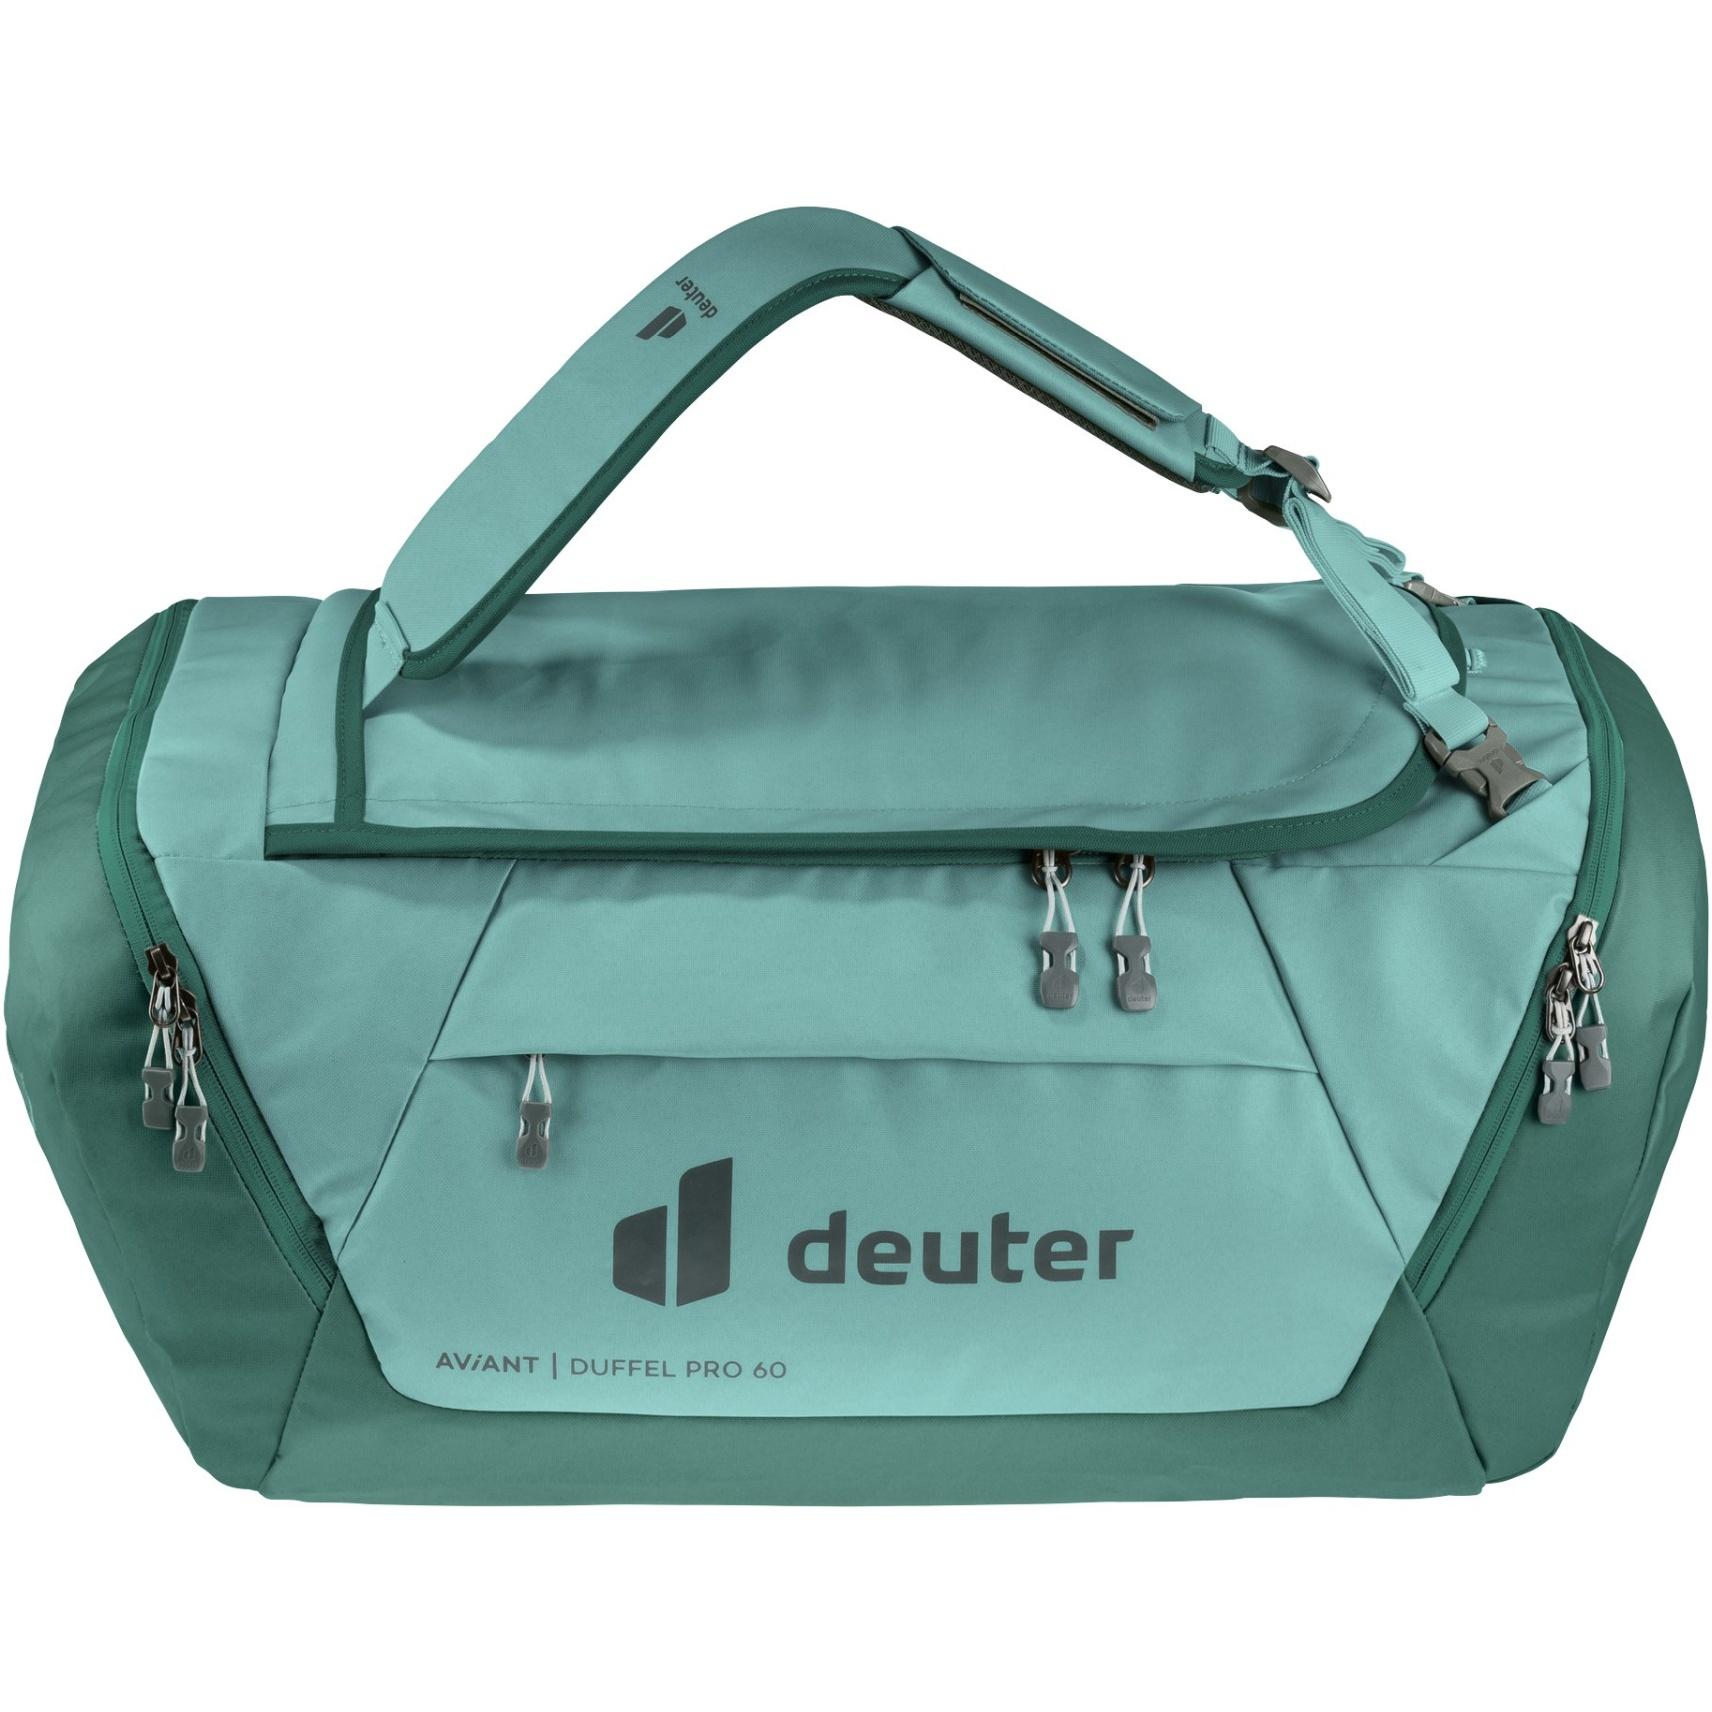 Picture of Deuter AViANT Duffel Pro 60 - jade-seagreen